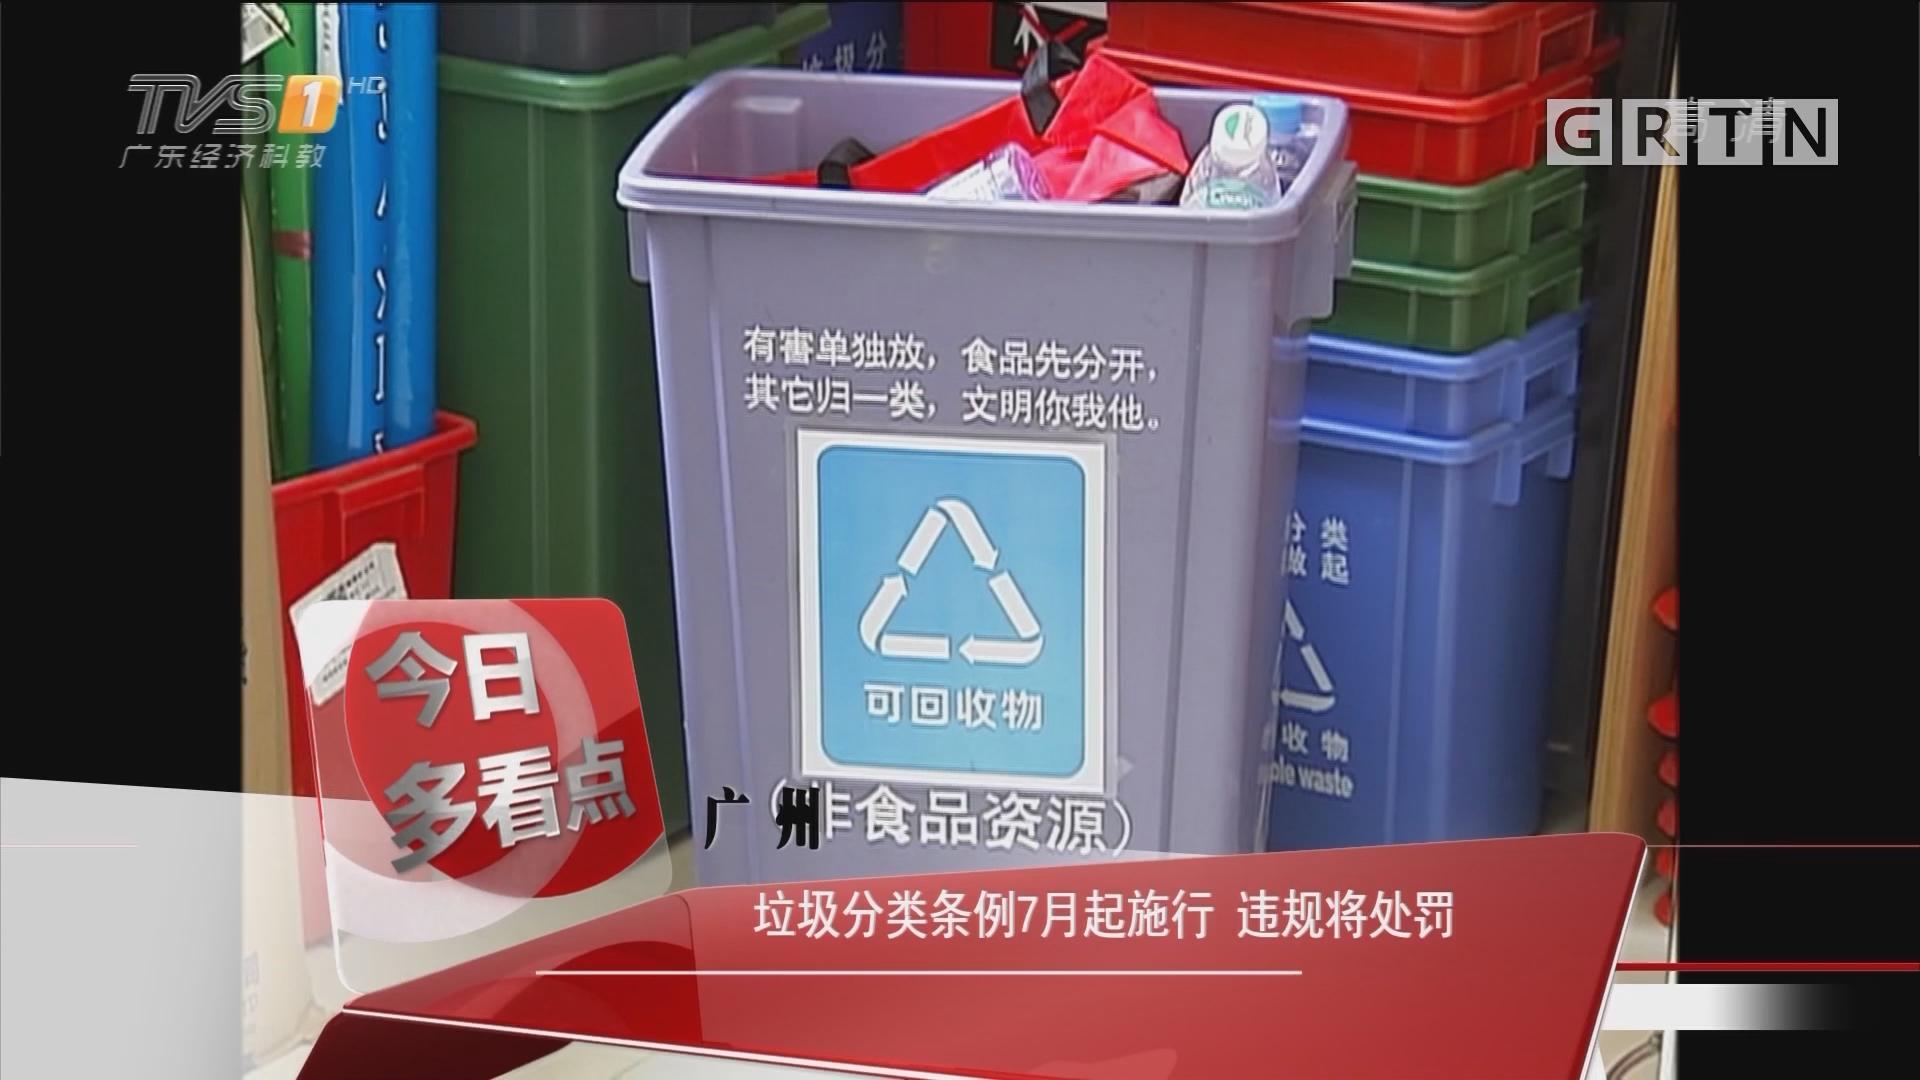 广州:垃圾分类条例7月起施行 违规将处罚